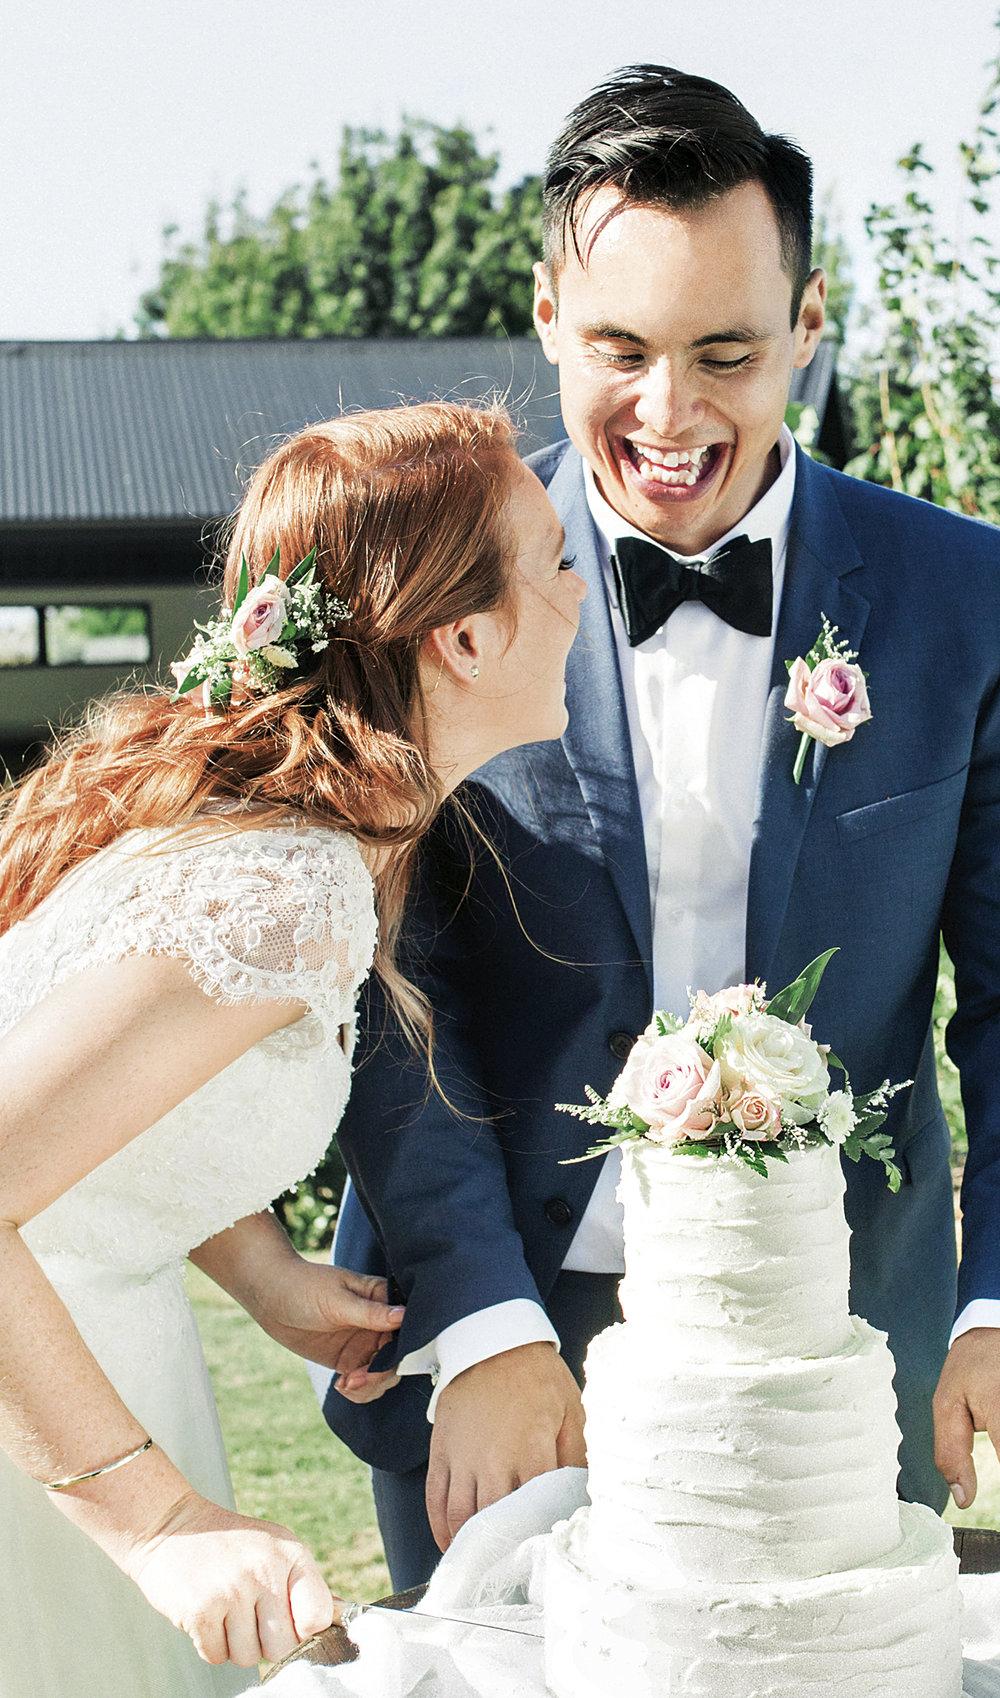 Bride & Groom Mag Liah & John's WEDDING 16.jpg